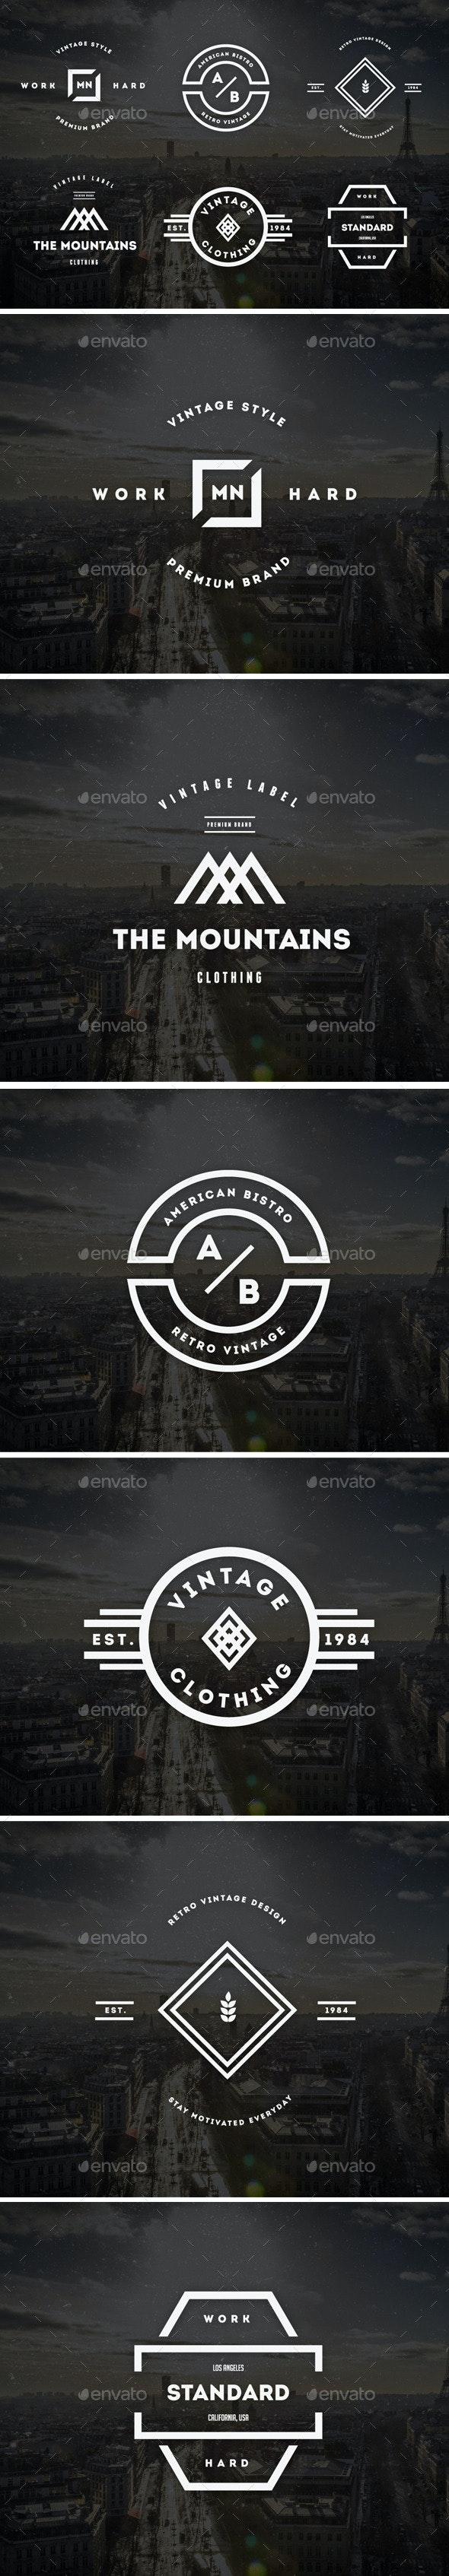 Vintage Labels & Badges / Logos V22 - Badges & Stickers Web Elements